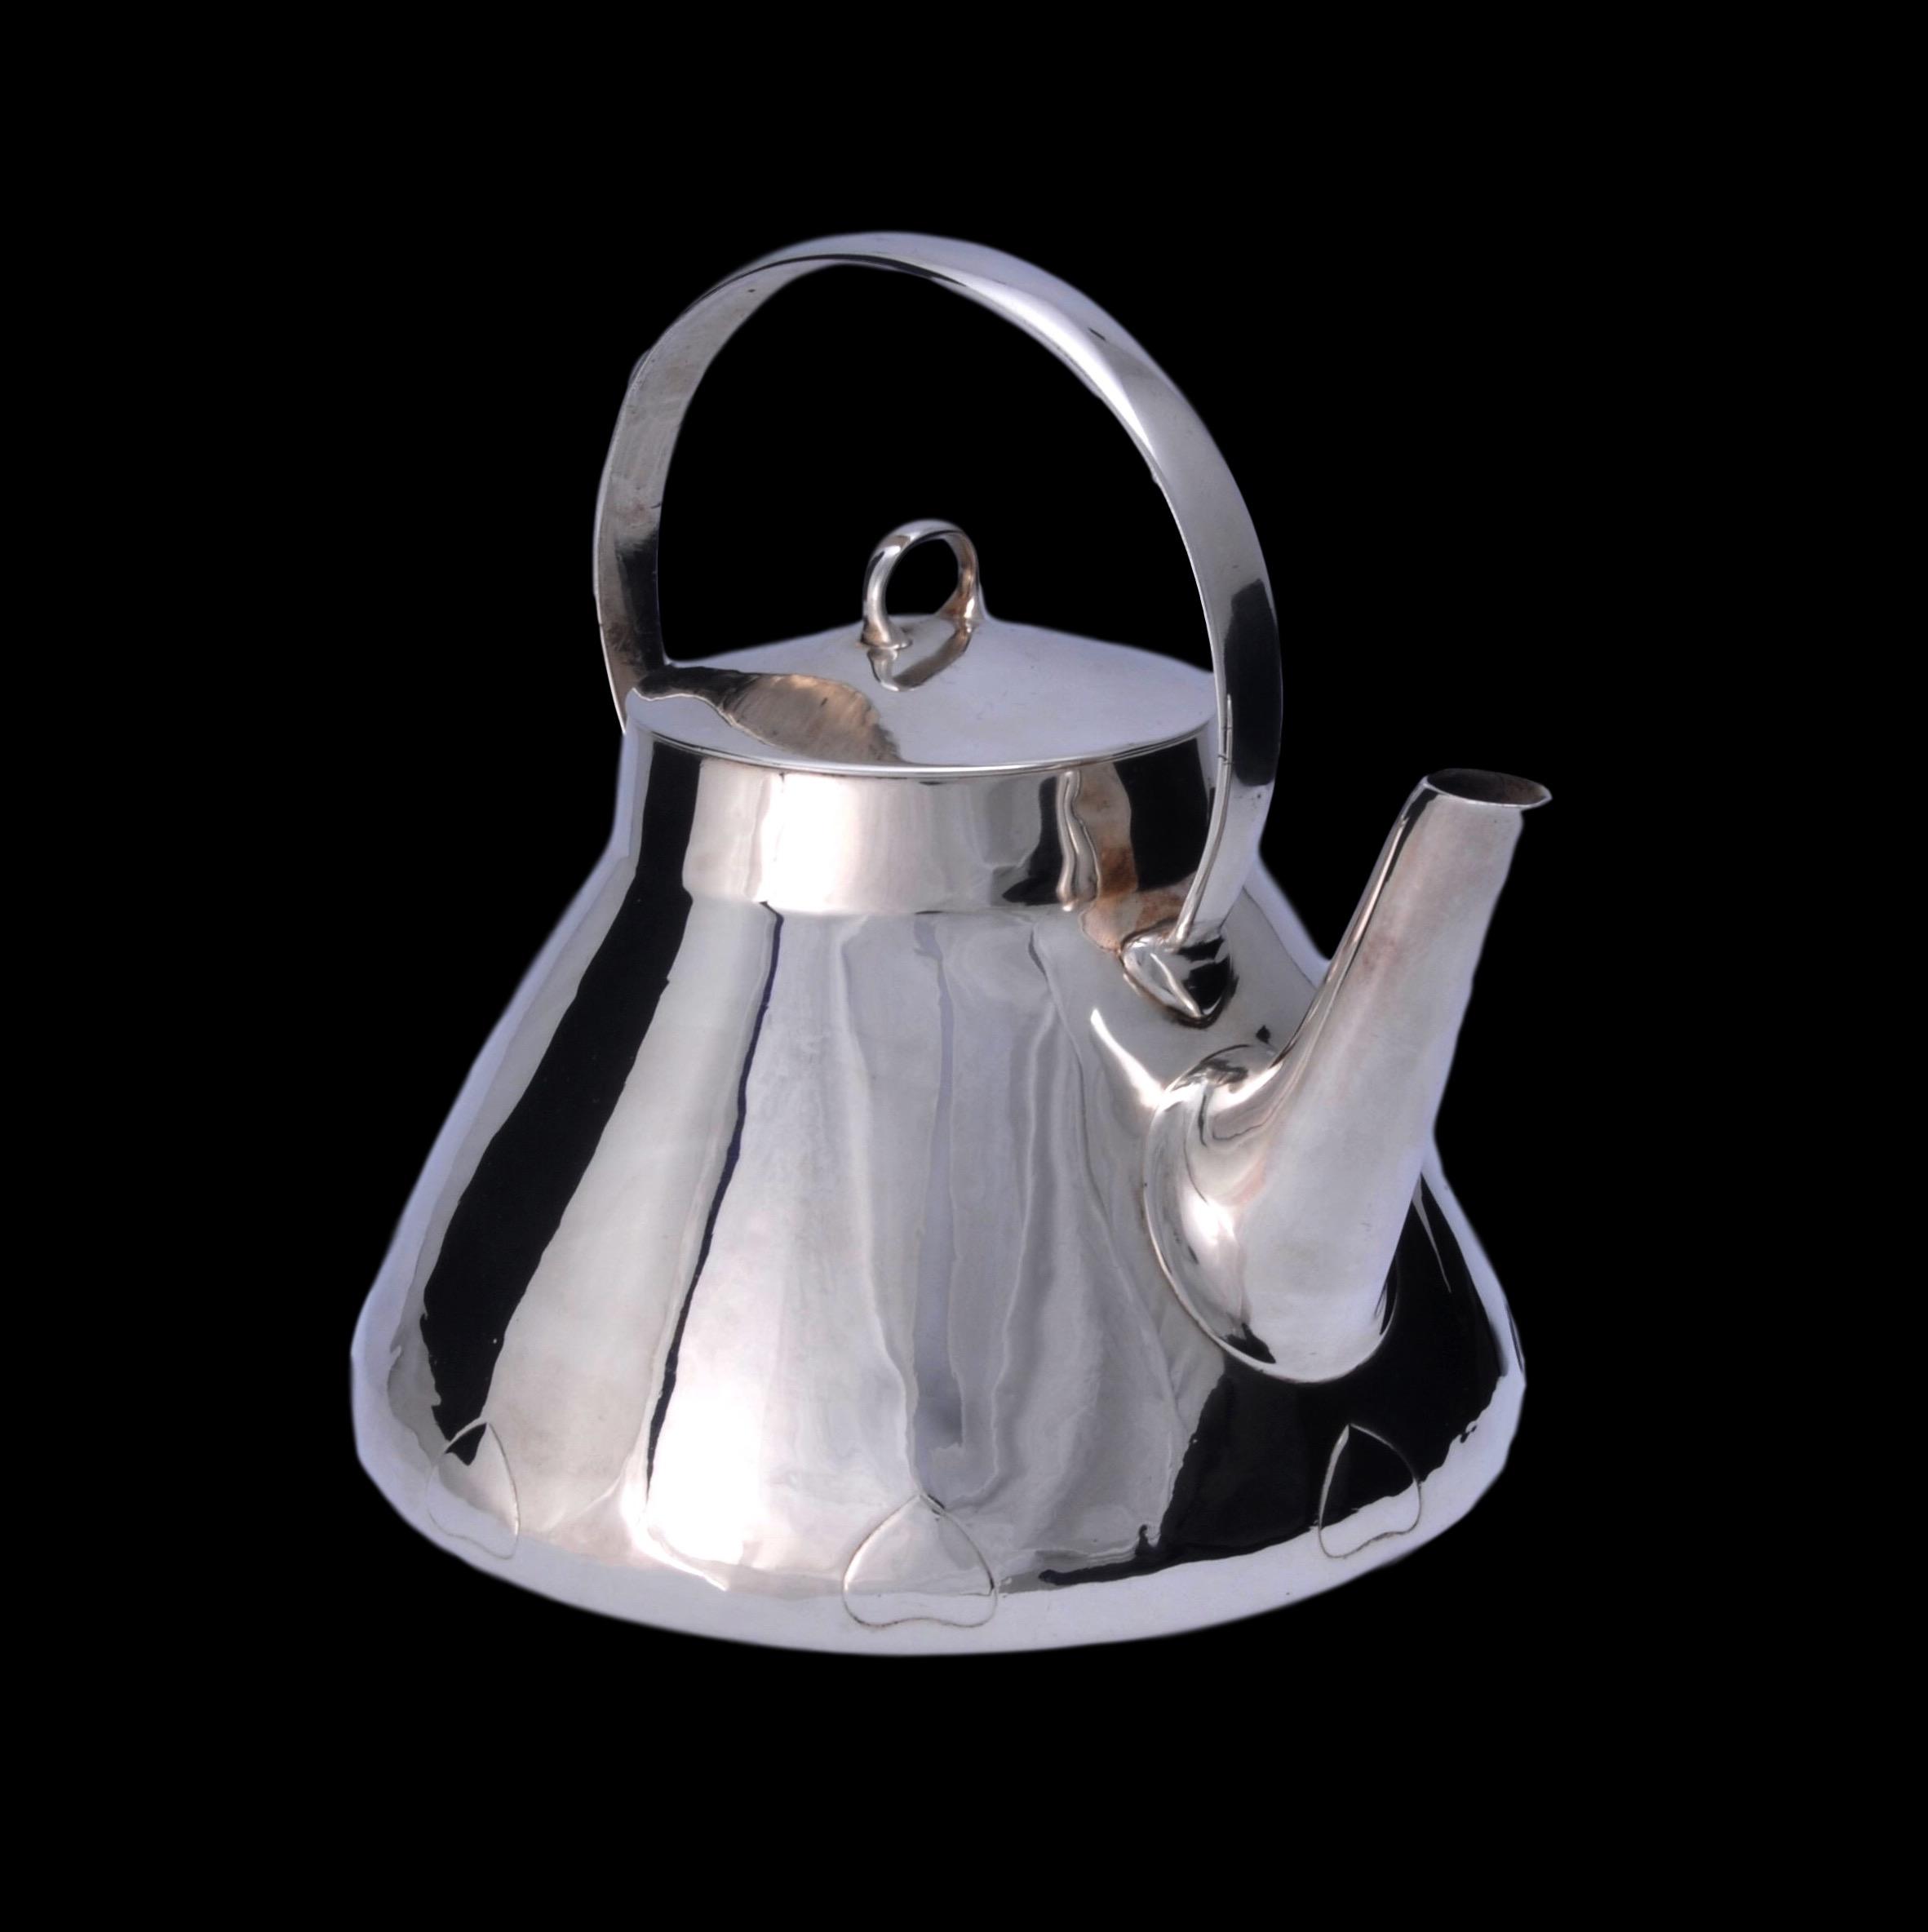 Liberty Cymric tea pot, Archiballd Knox